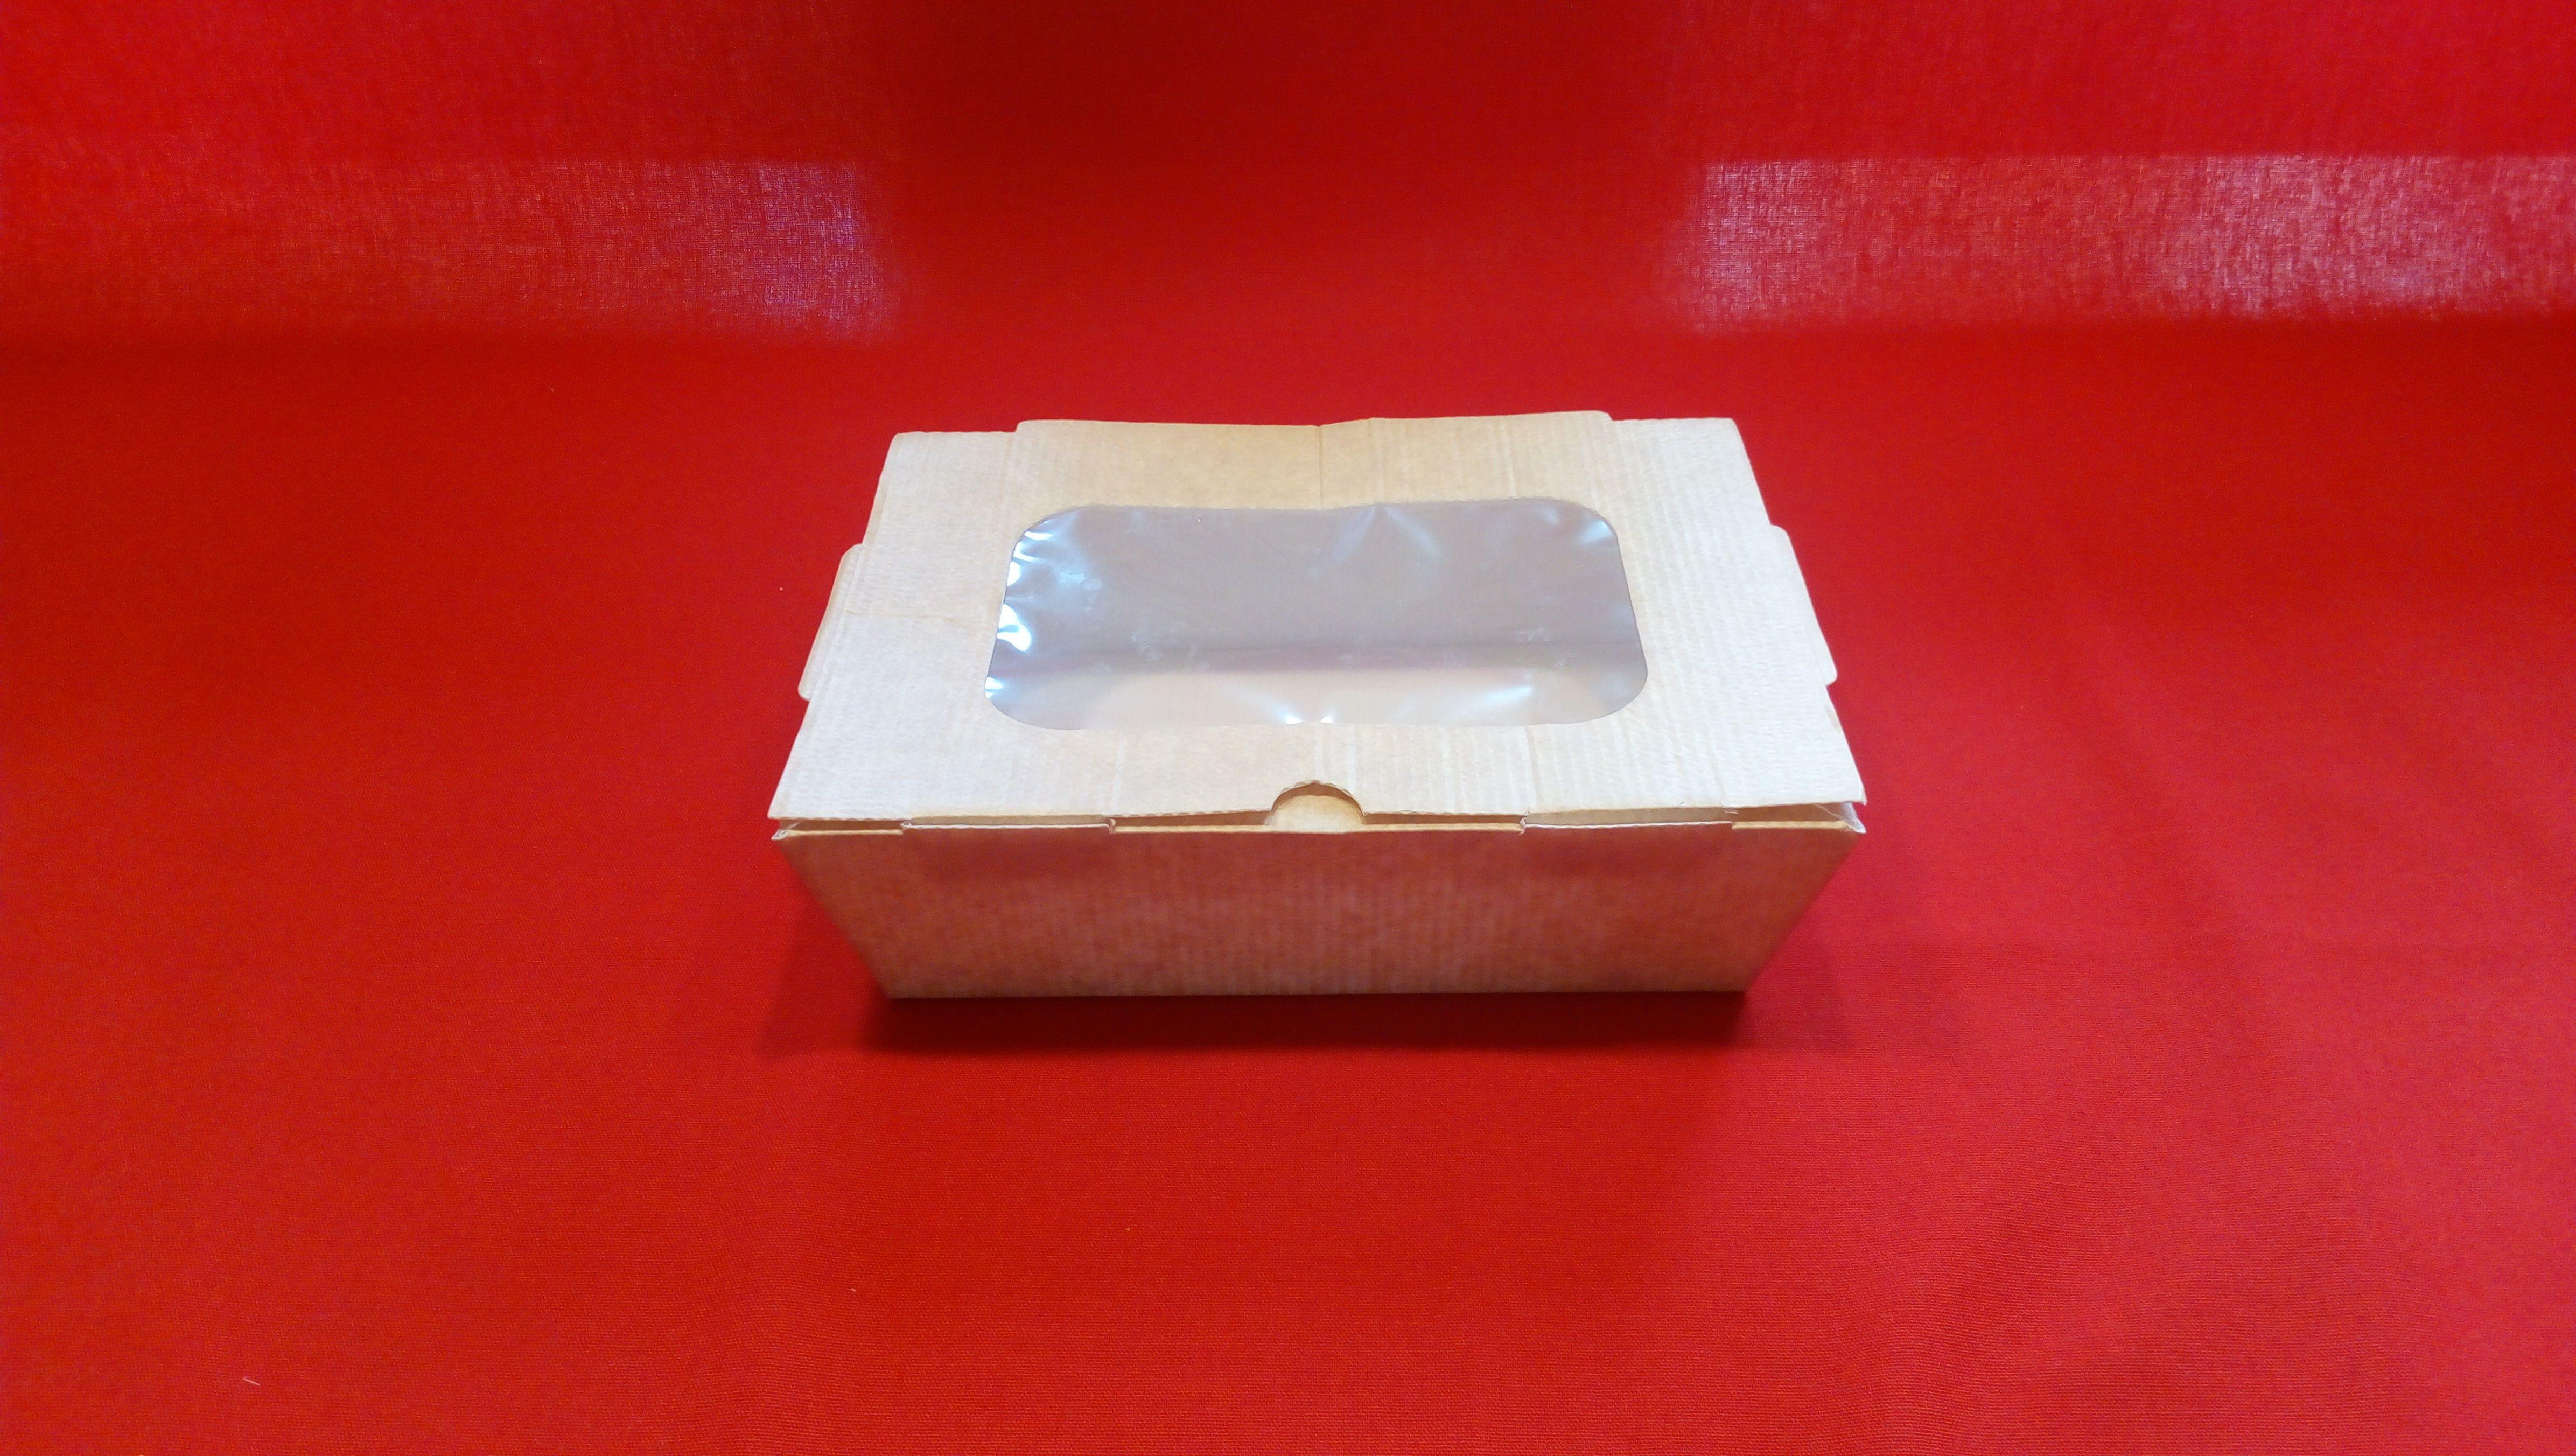 Papierová krabička s okienkom to go, take away, enjoy so sebou vhodná pre donášku. Krabička je vhodná pre každú tuhú potravu, zeleninový šalát, cestoviny. Z vnútornej strany potiahnutá fóliou.